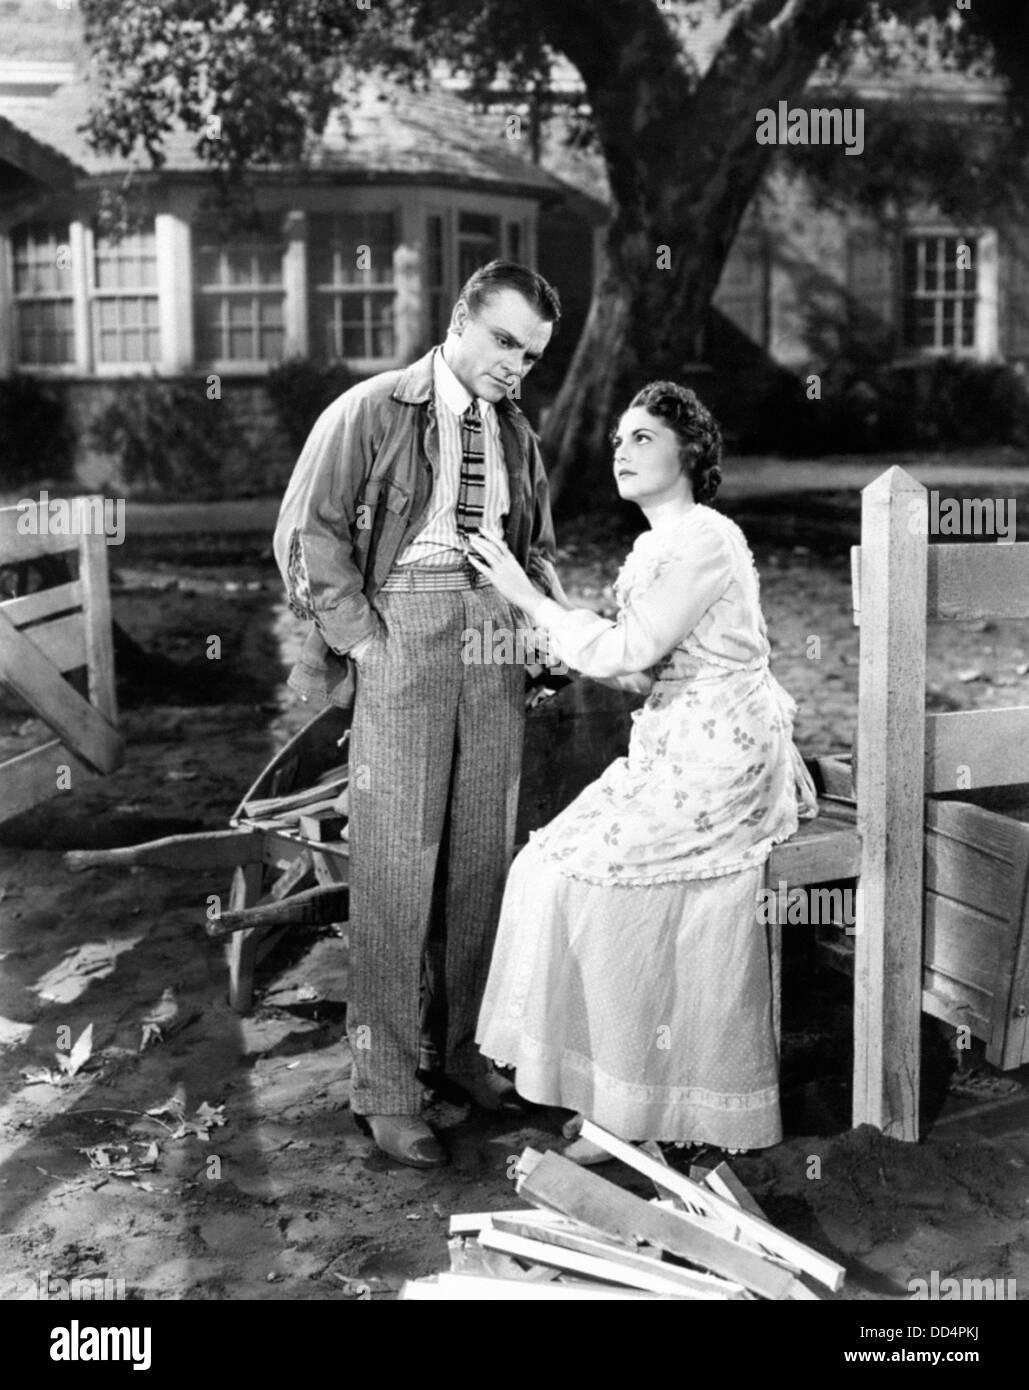 YANKEE DOODLE DANDY - James Cagney - diretto da Michael Curtiz - Warner Bros prima nazionale 1942 Immagini Stock